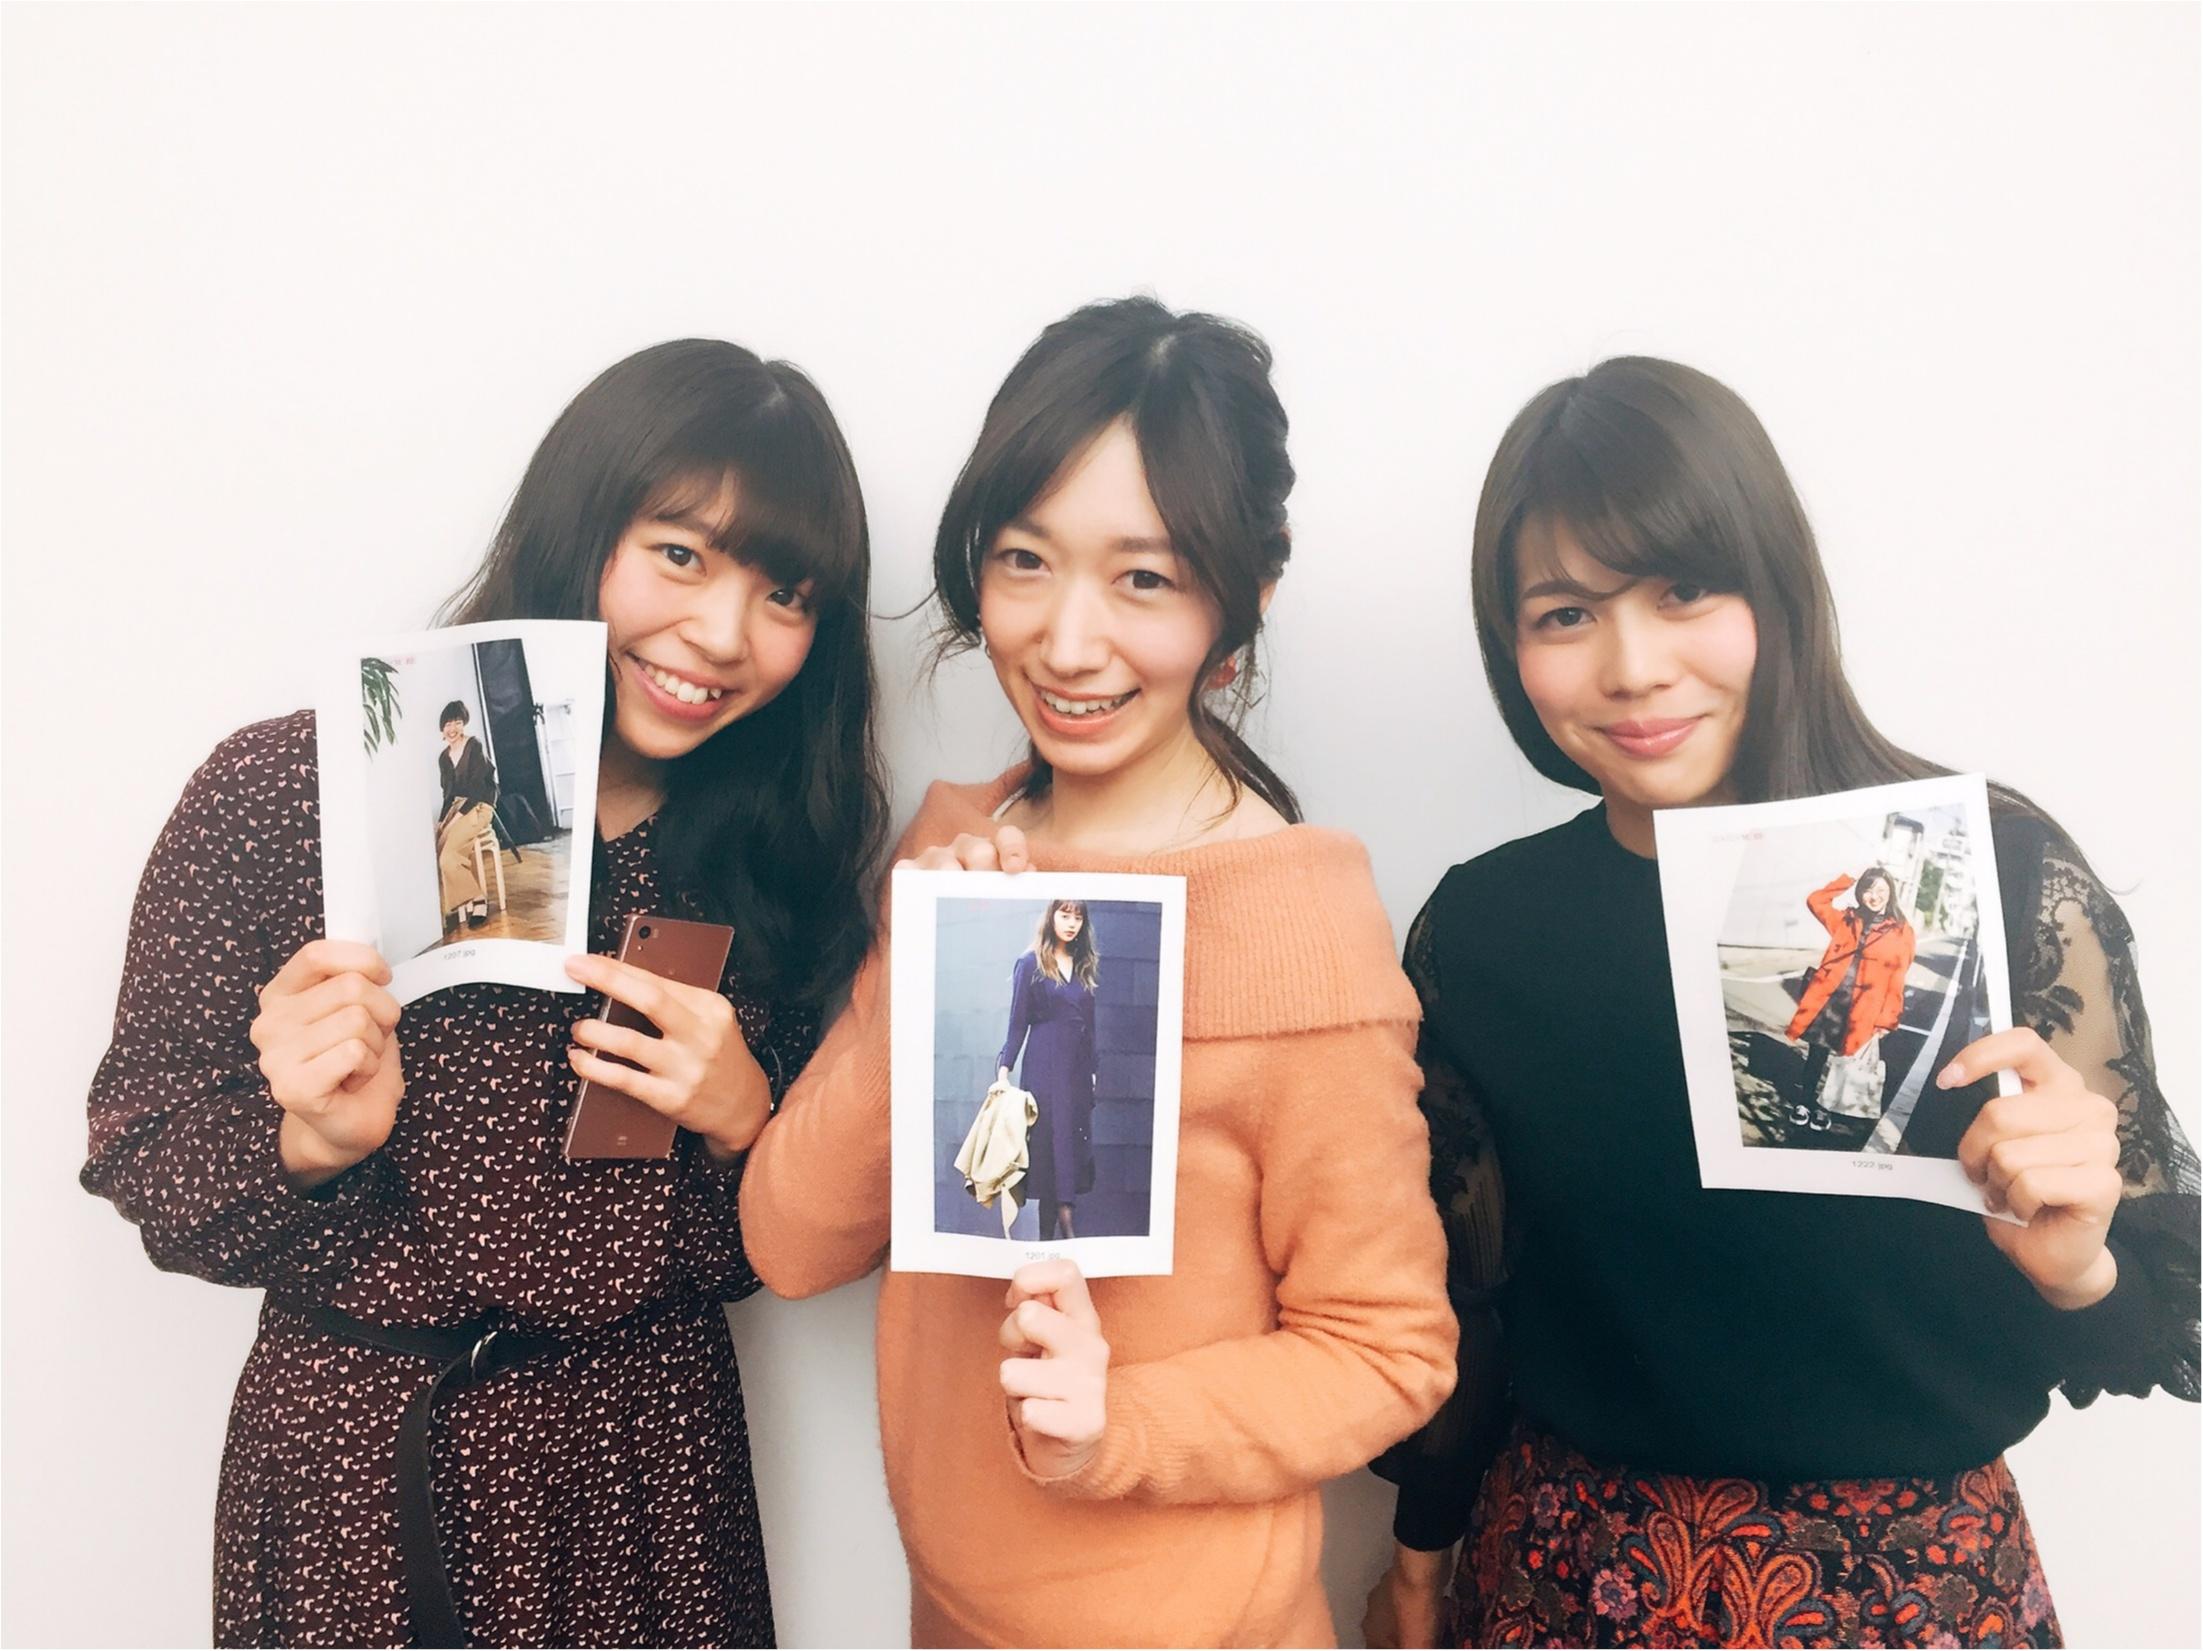 モアハピ部が選ぶ! 超私的「女子トモとの新年会で着たい」ベストコーデ企画に参加しました☆samenyanが選んだコーデはワンピース♡_2